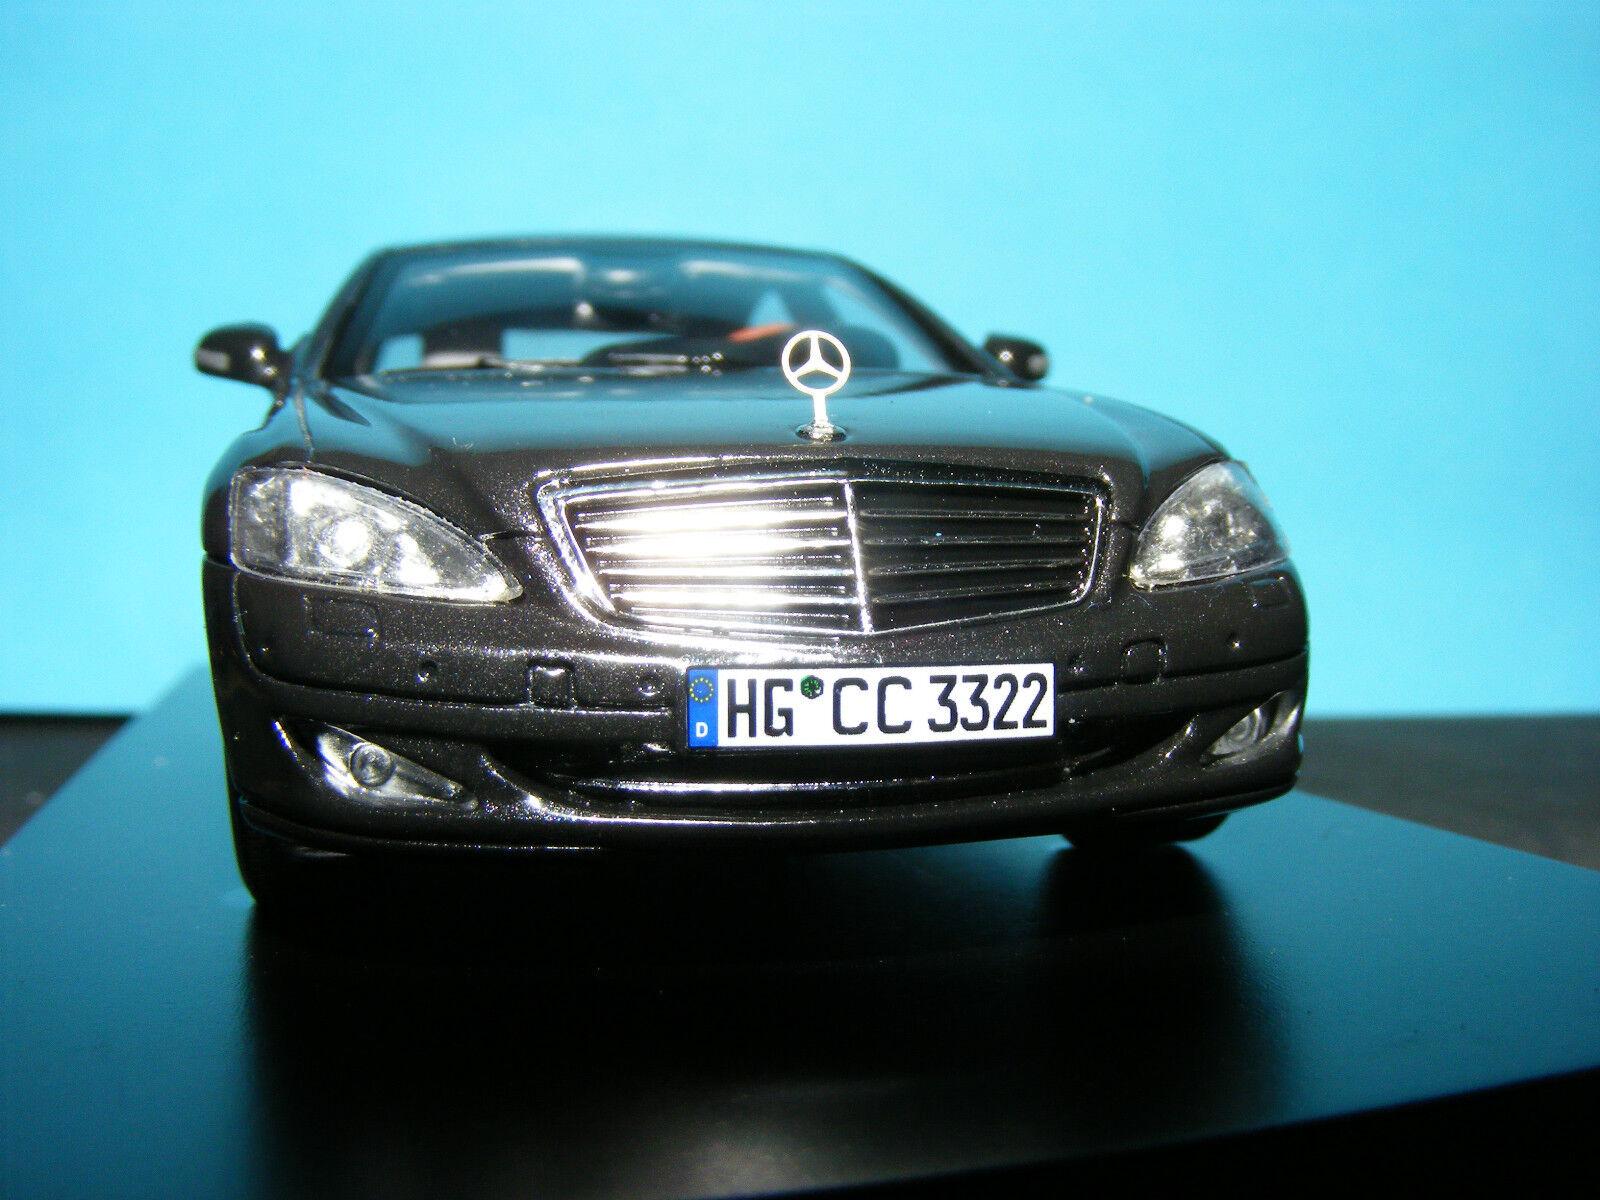 MERCEDES-BENZ W221 S class 2005 1 43 NLA Very Rare  Spark  vous rendre satisfait